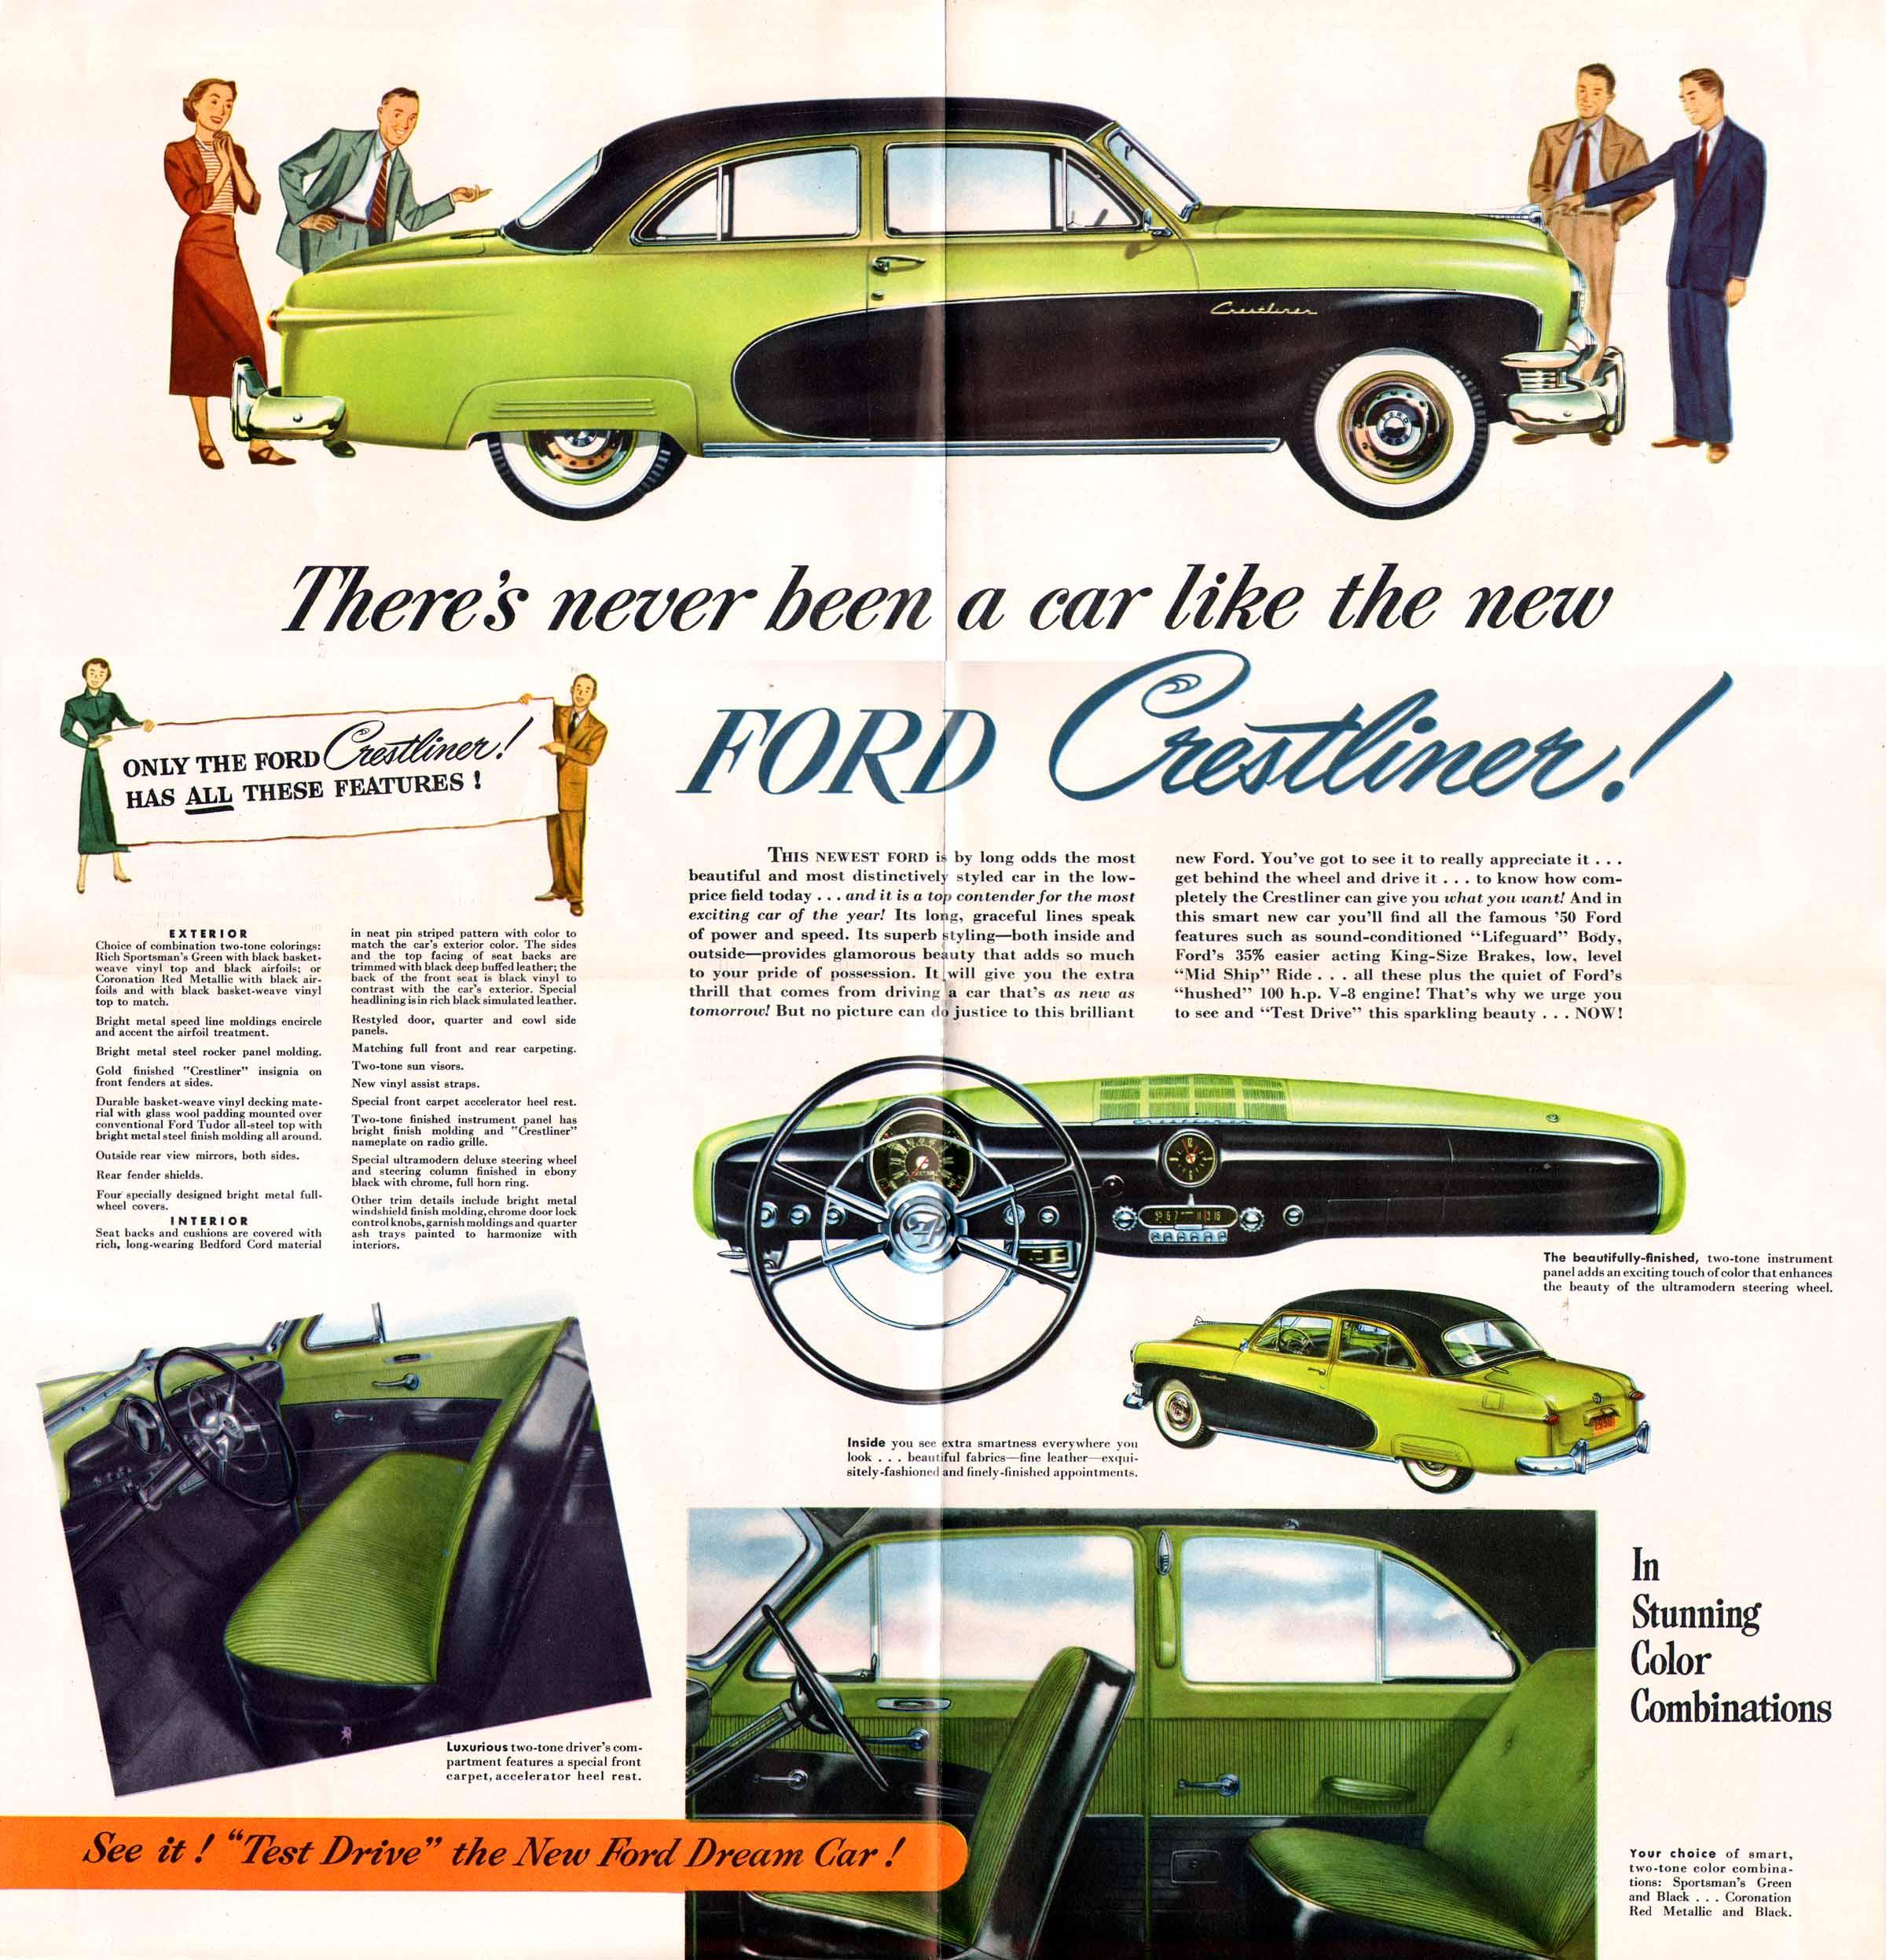 1950 Ford Crestliner Credit to oldcarbrochures.org